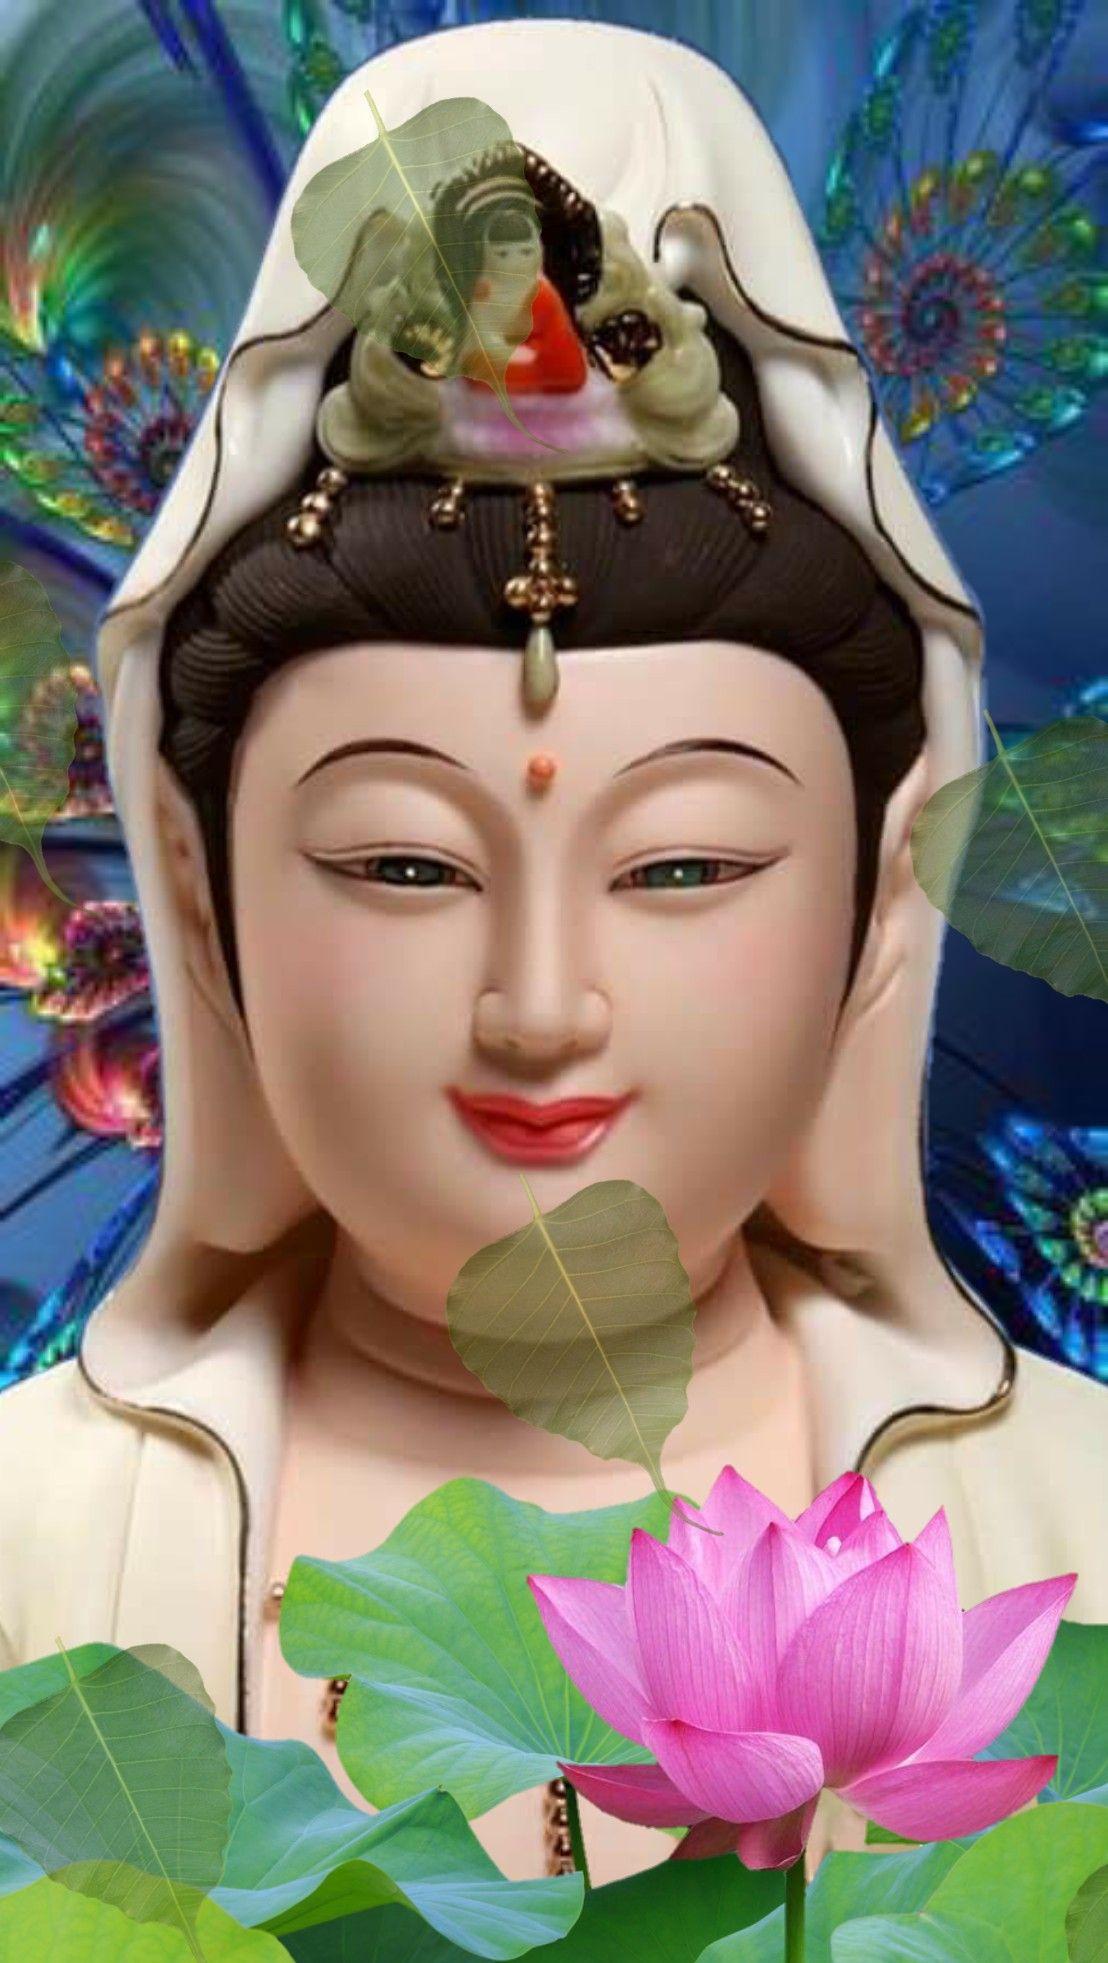 Ghim của Low Lie Bio trên The Buddha image ( Hình PHẬT